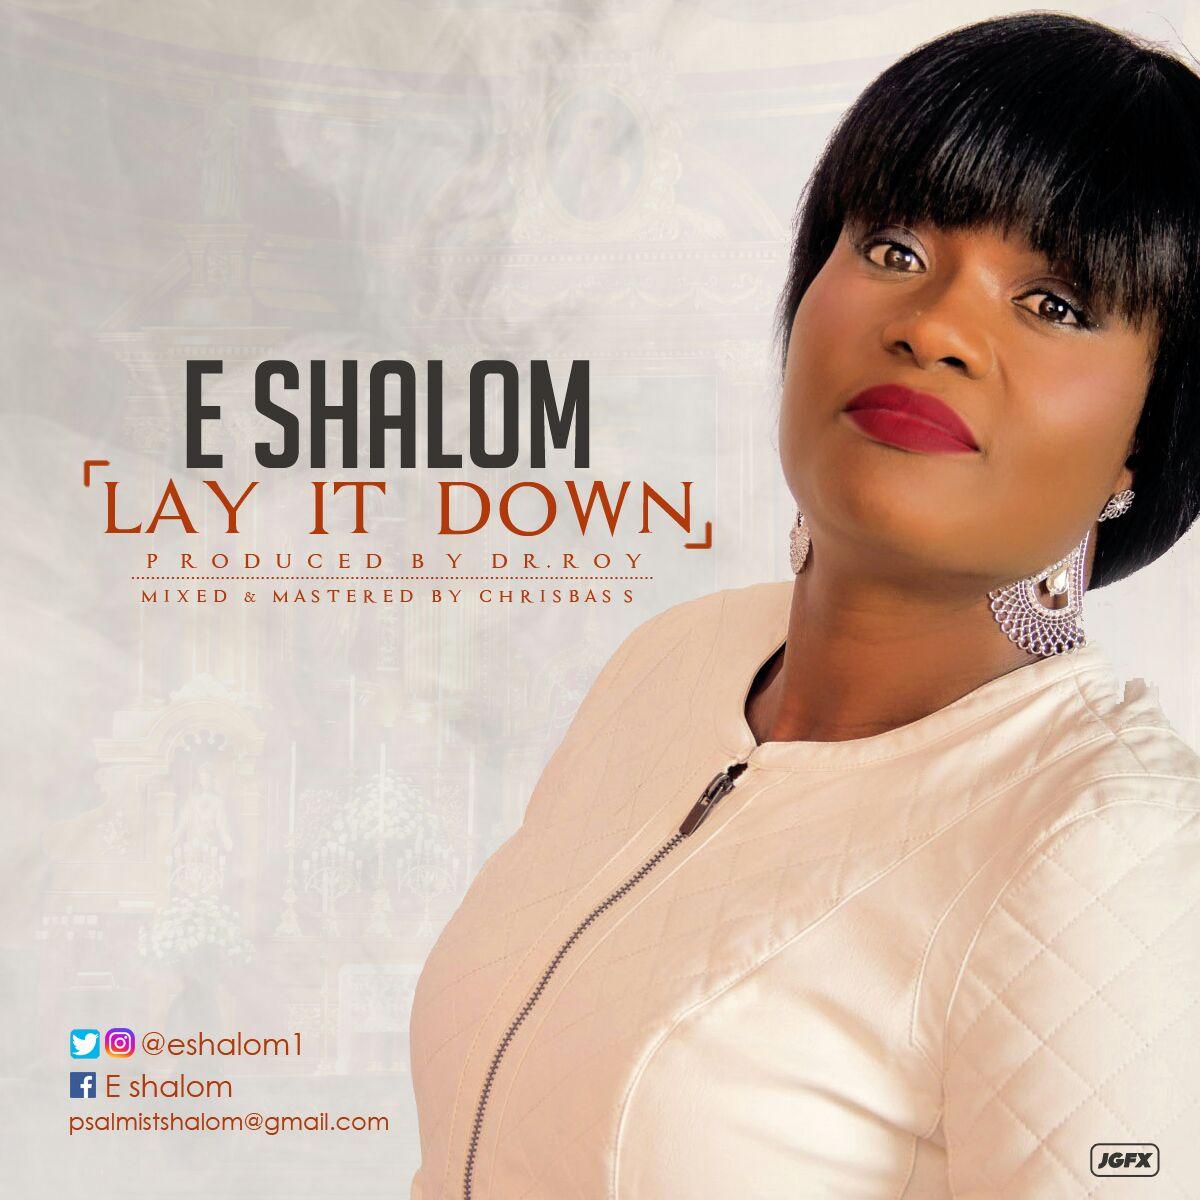 LAY IT DOWN - E Shalom [@eshalom1]